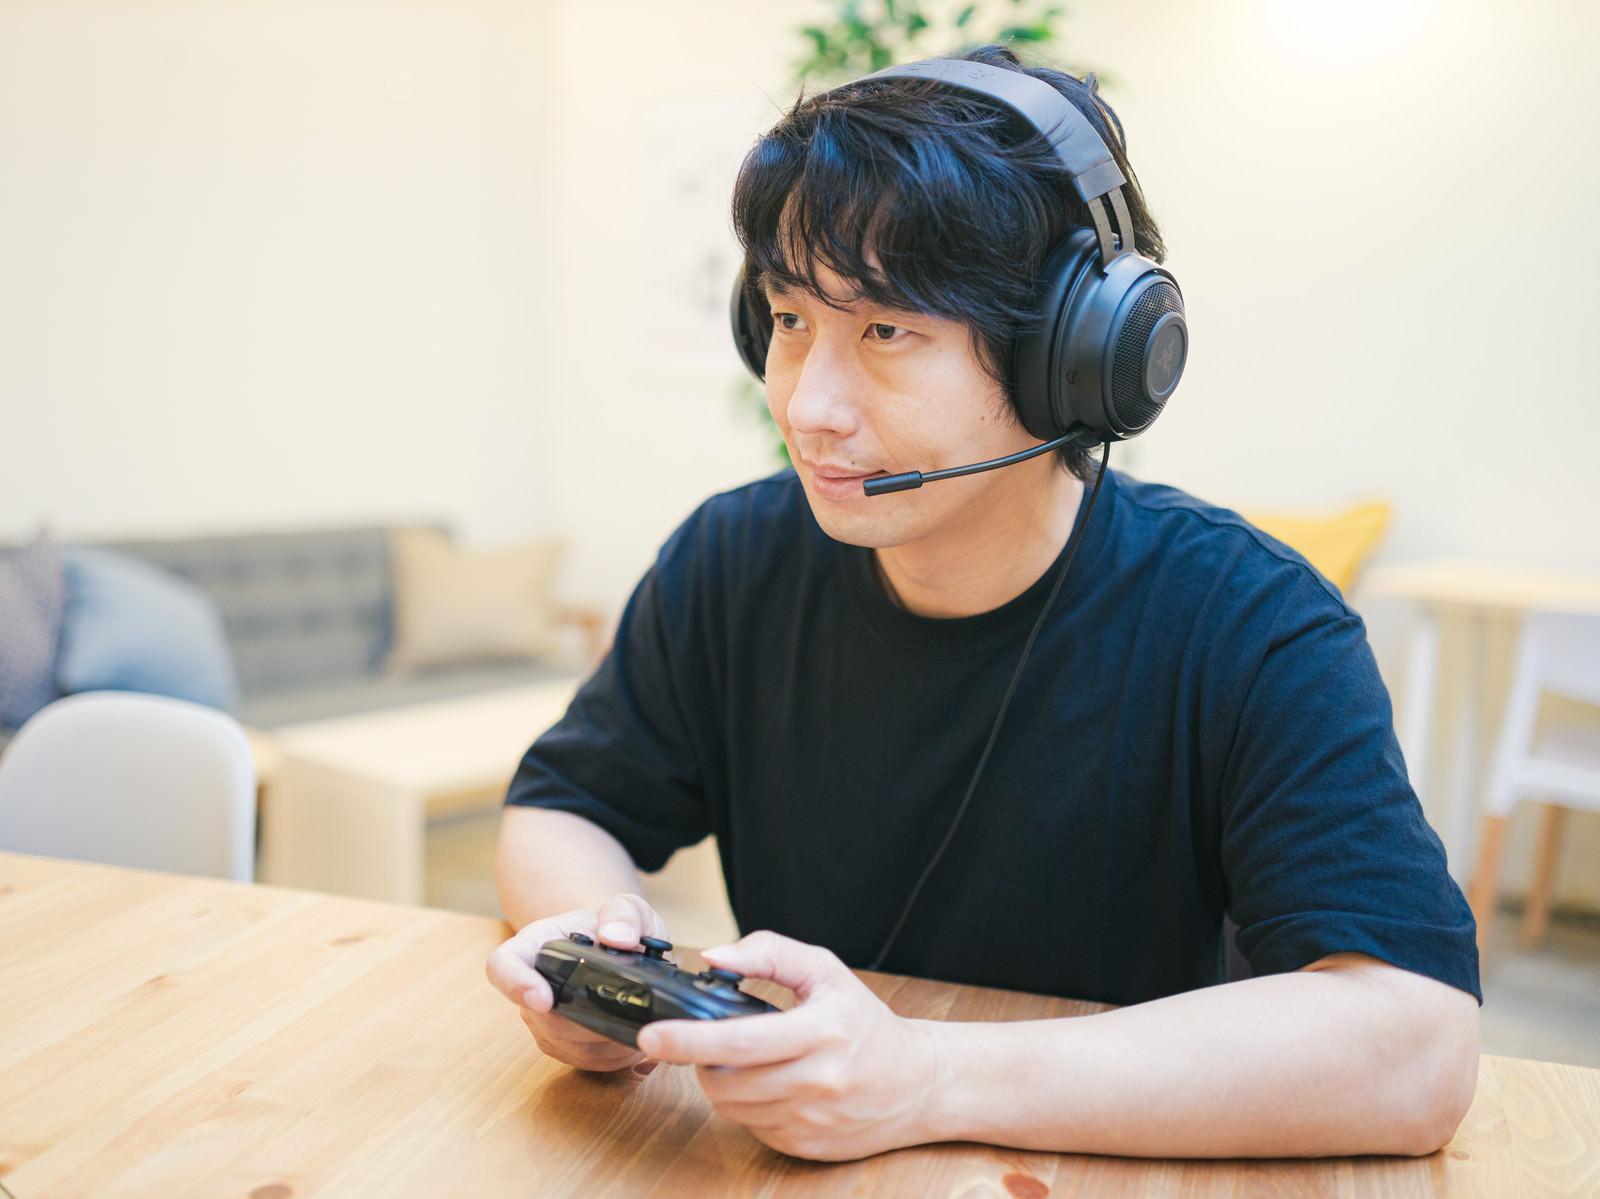 「ヘッドセットを使用するゲーマー」の写真[モデル:大川竜弥]